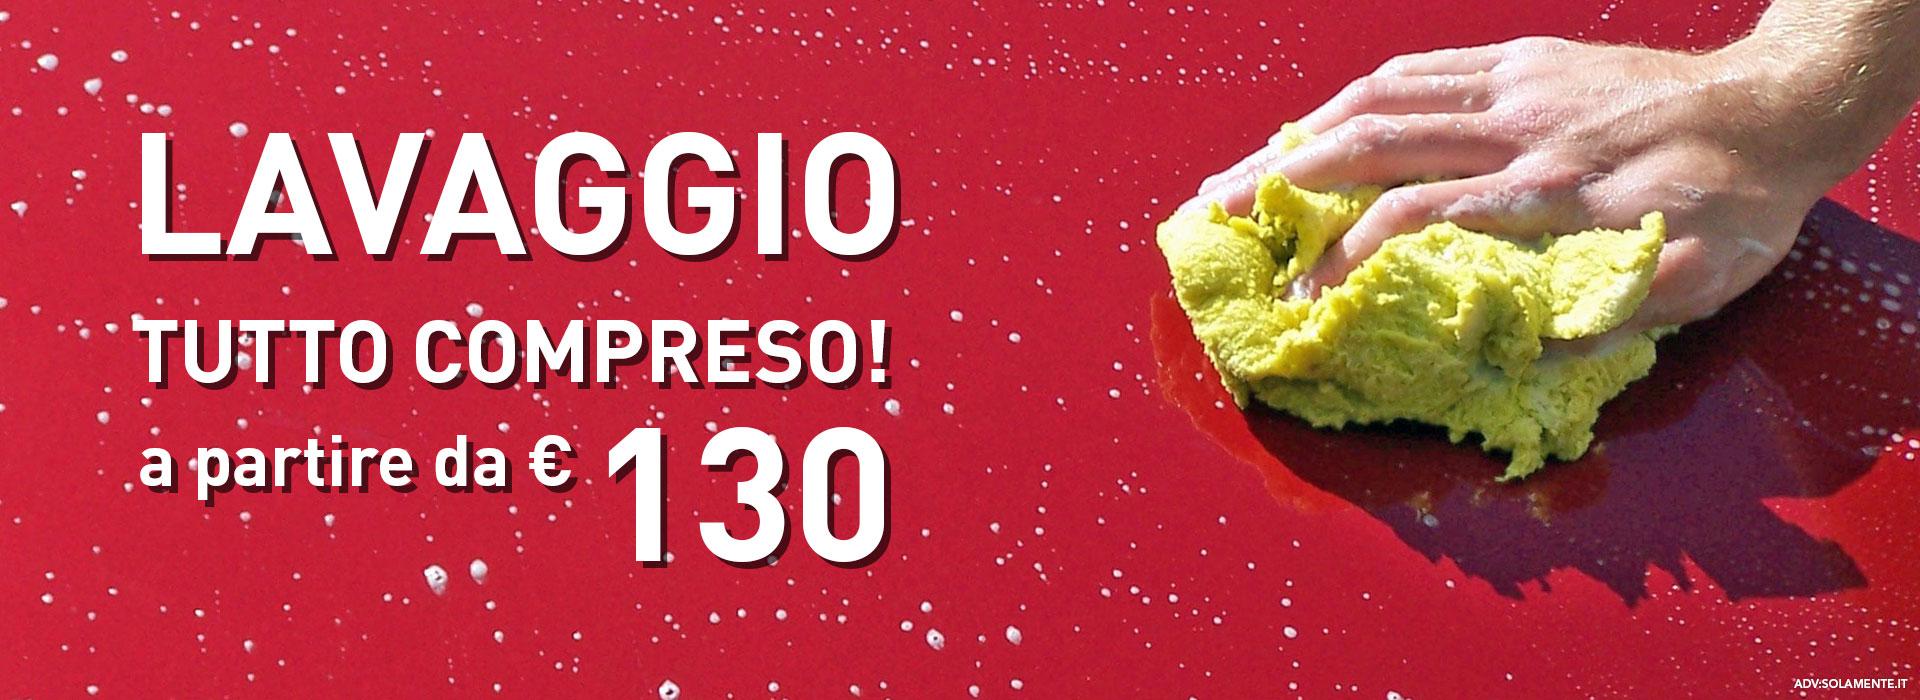 slide_lavaggio